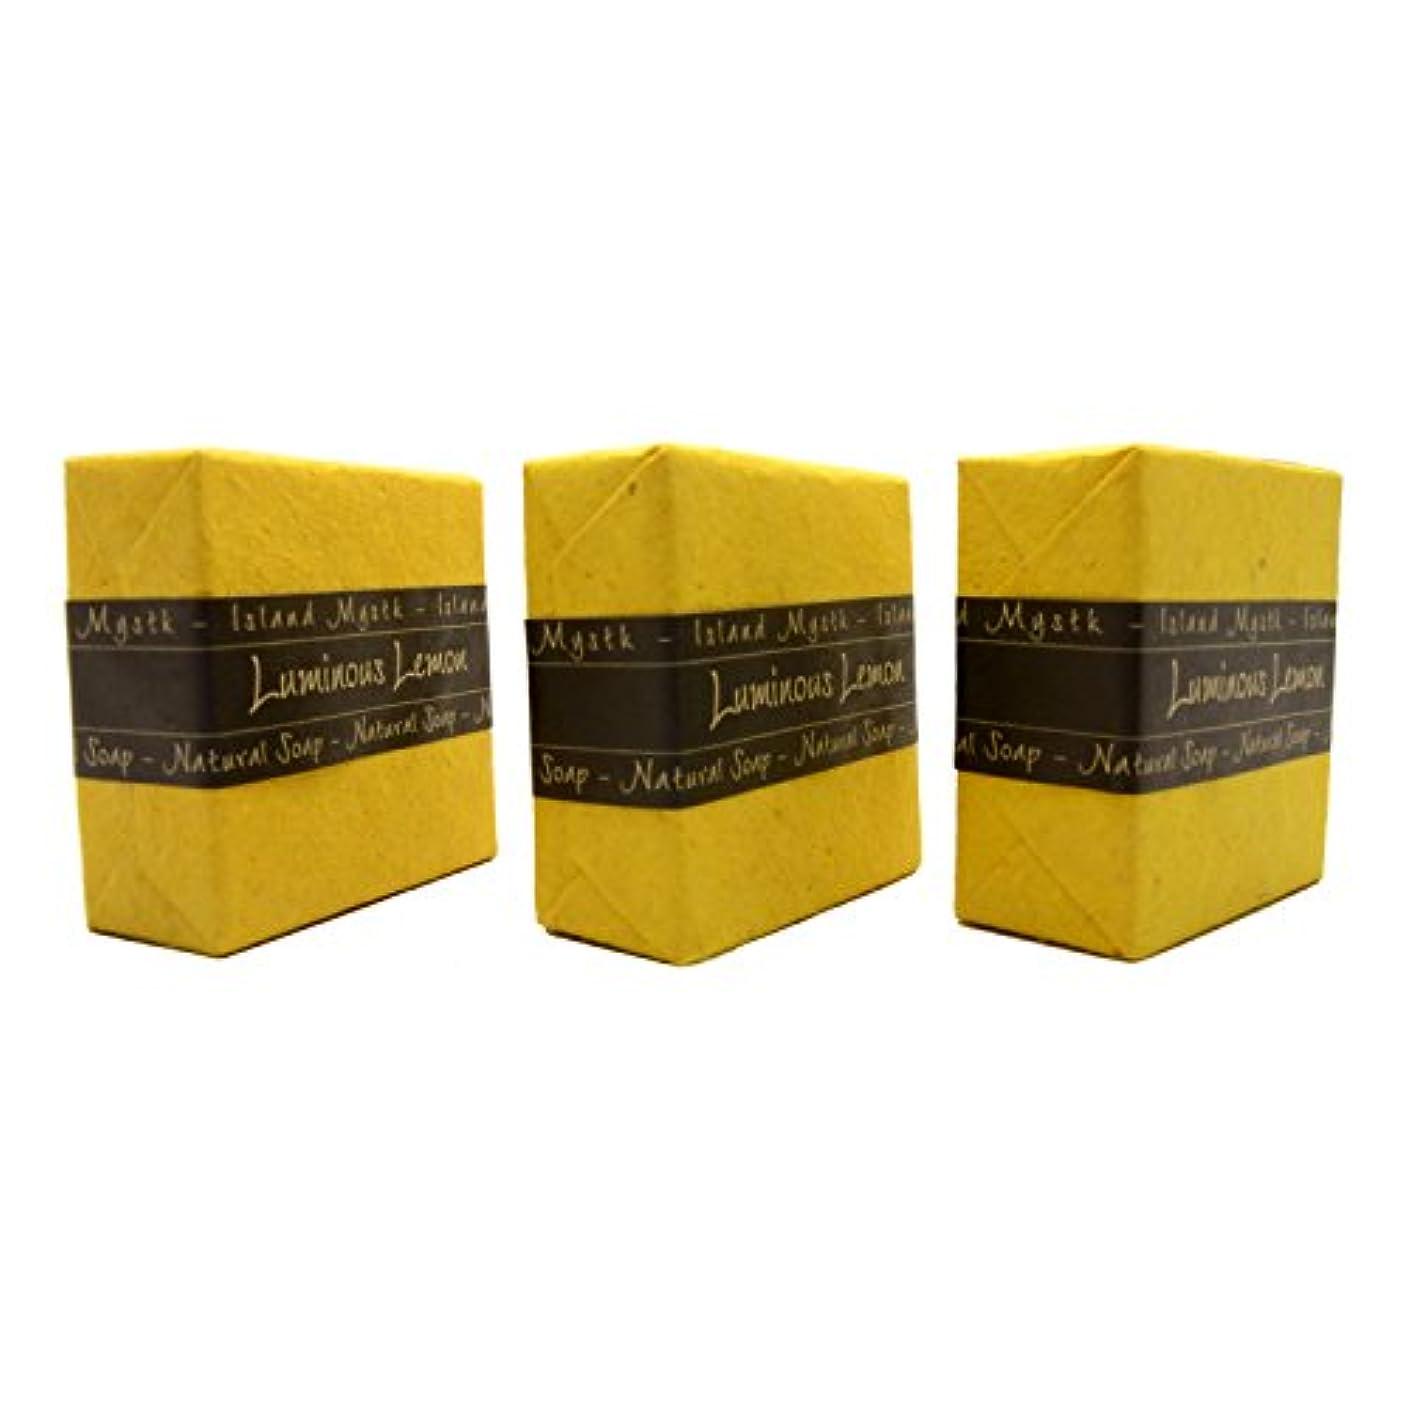 メディアエステート不完全なアイランドミスティック ルミナスレモン 3個セット 115g×3 ココナッツ石鹸 バリ島 Island Mystk 天然素材100% 無添加 オーガニック